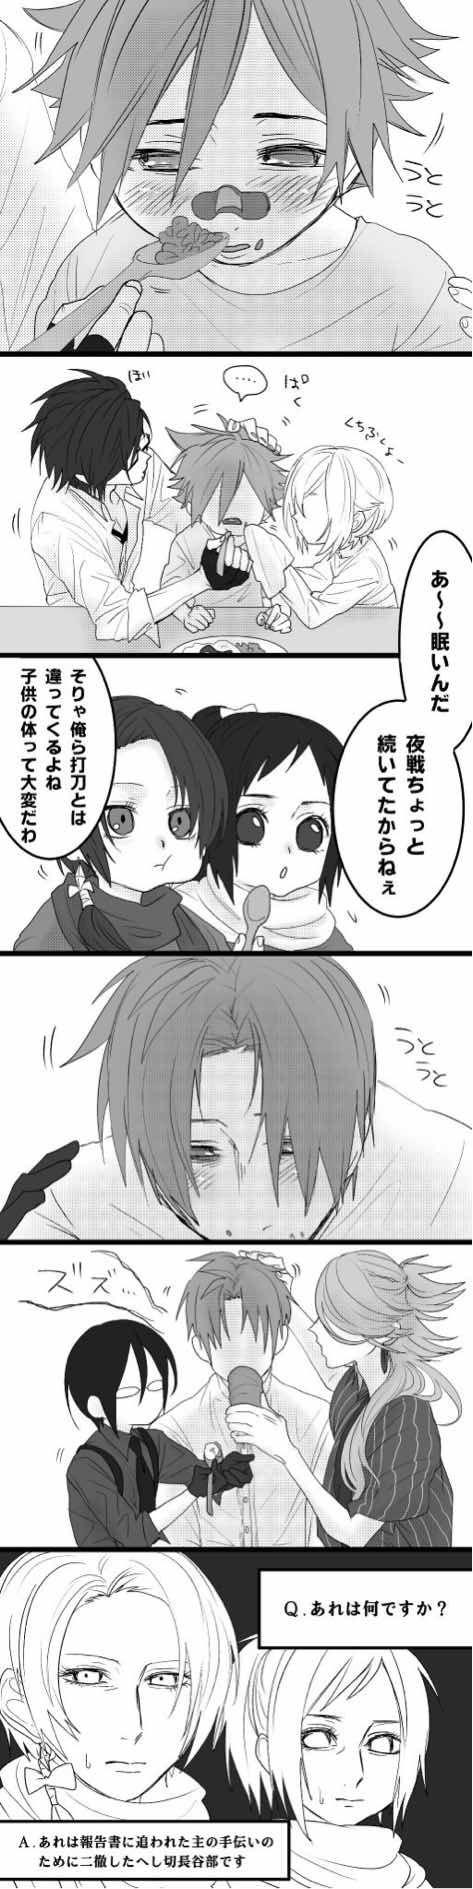 「とうらぶ落書きまとめ14」/「久米田」の漫画 [pixiv]